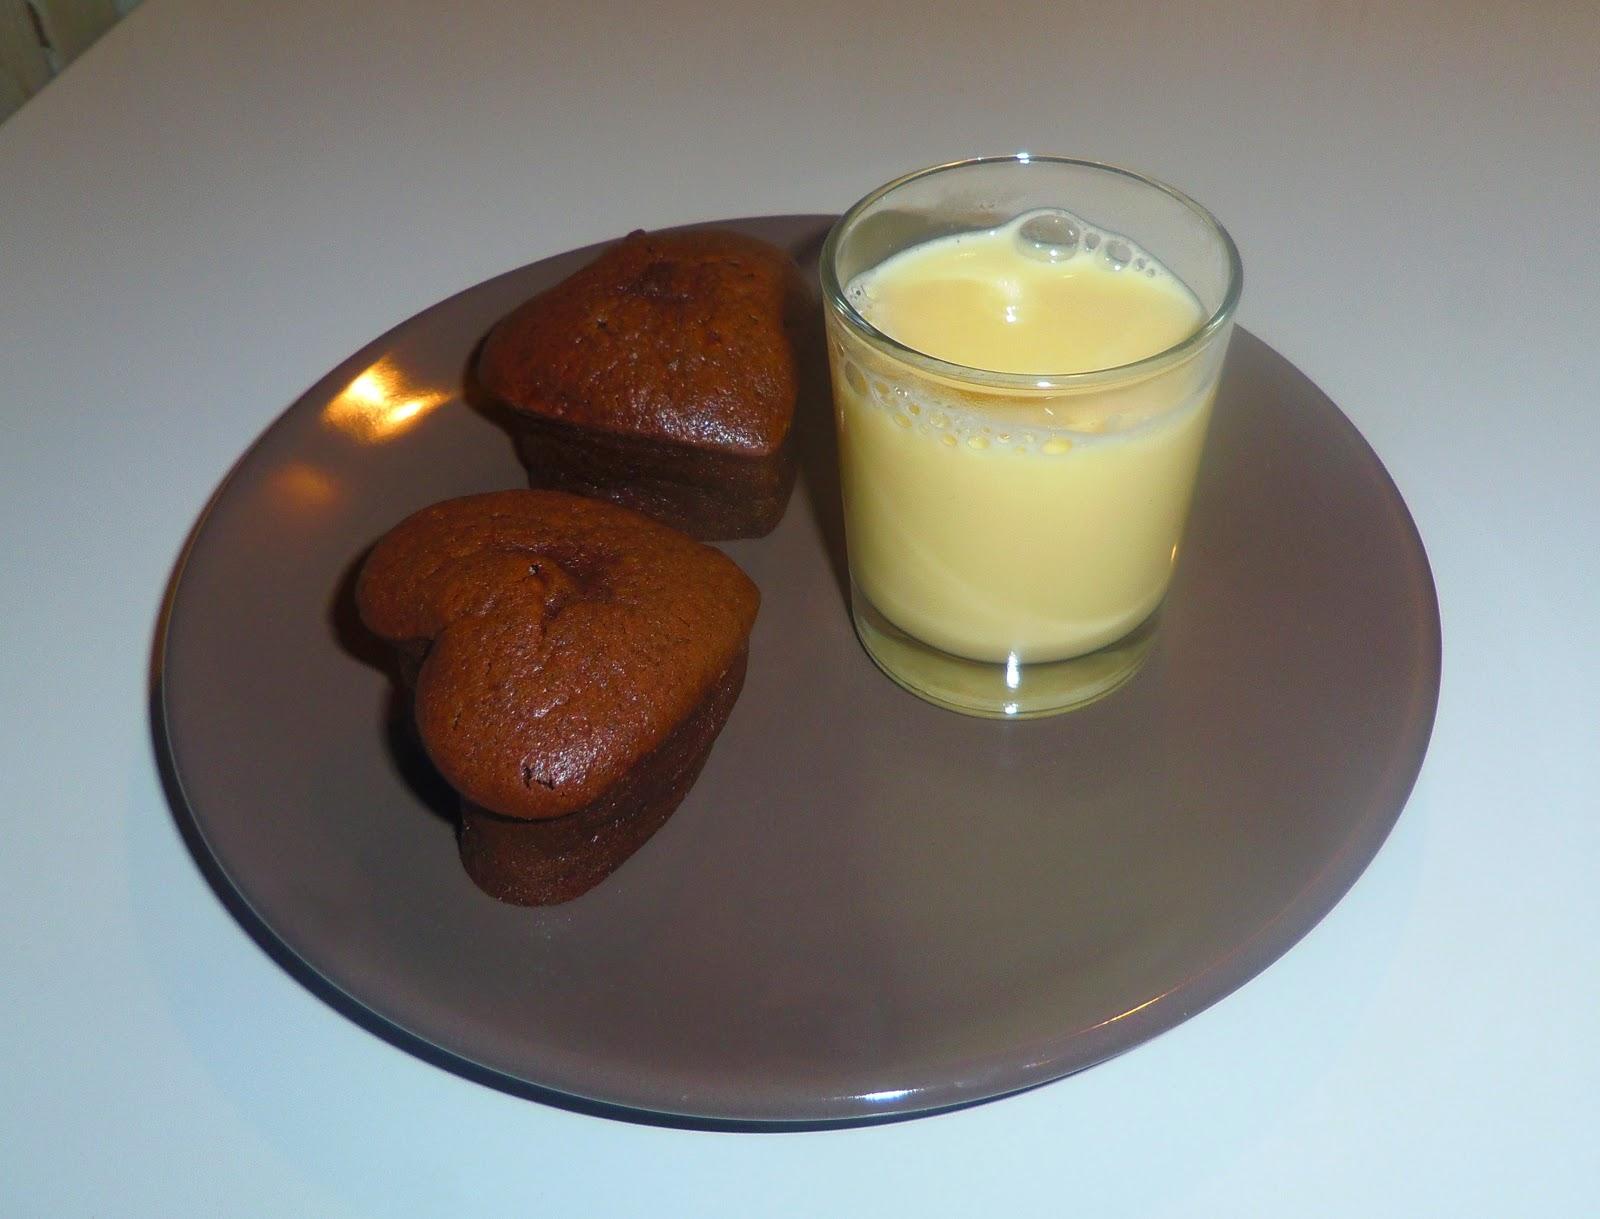 Blandinde fait son blog le fondant au chocolat le plus fondant du monde recette by cyril lignac - Recette du fondant au chocolat ...